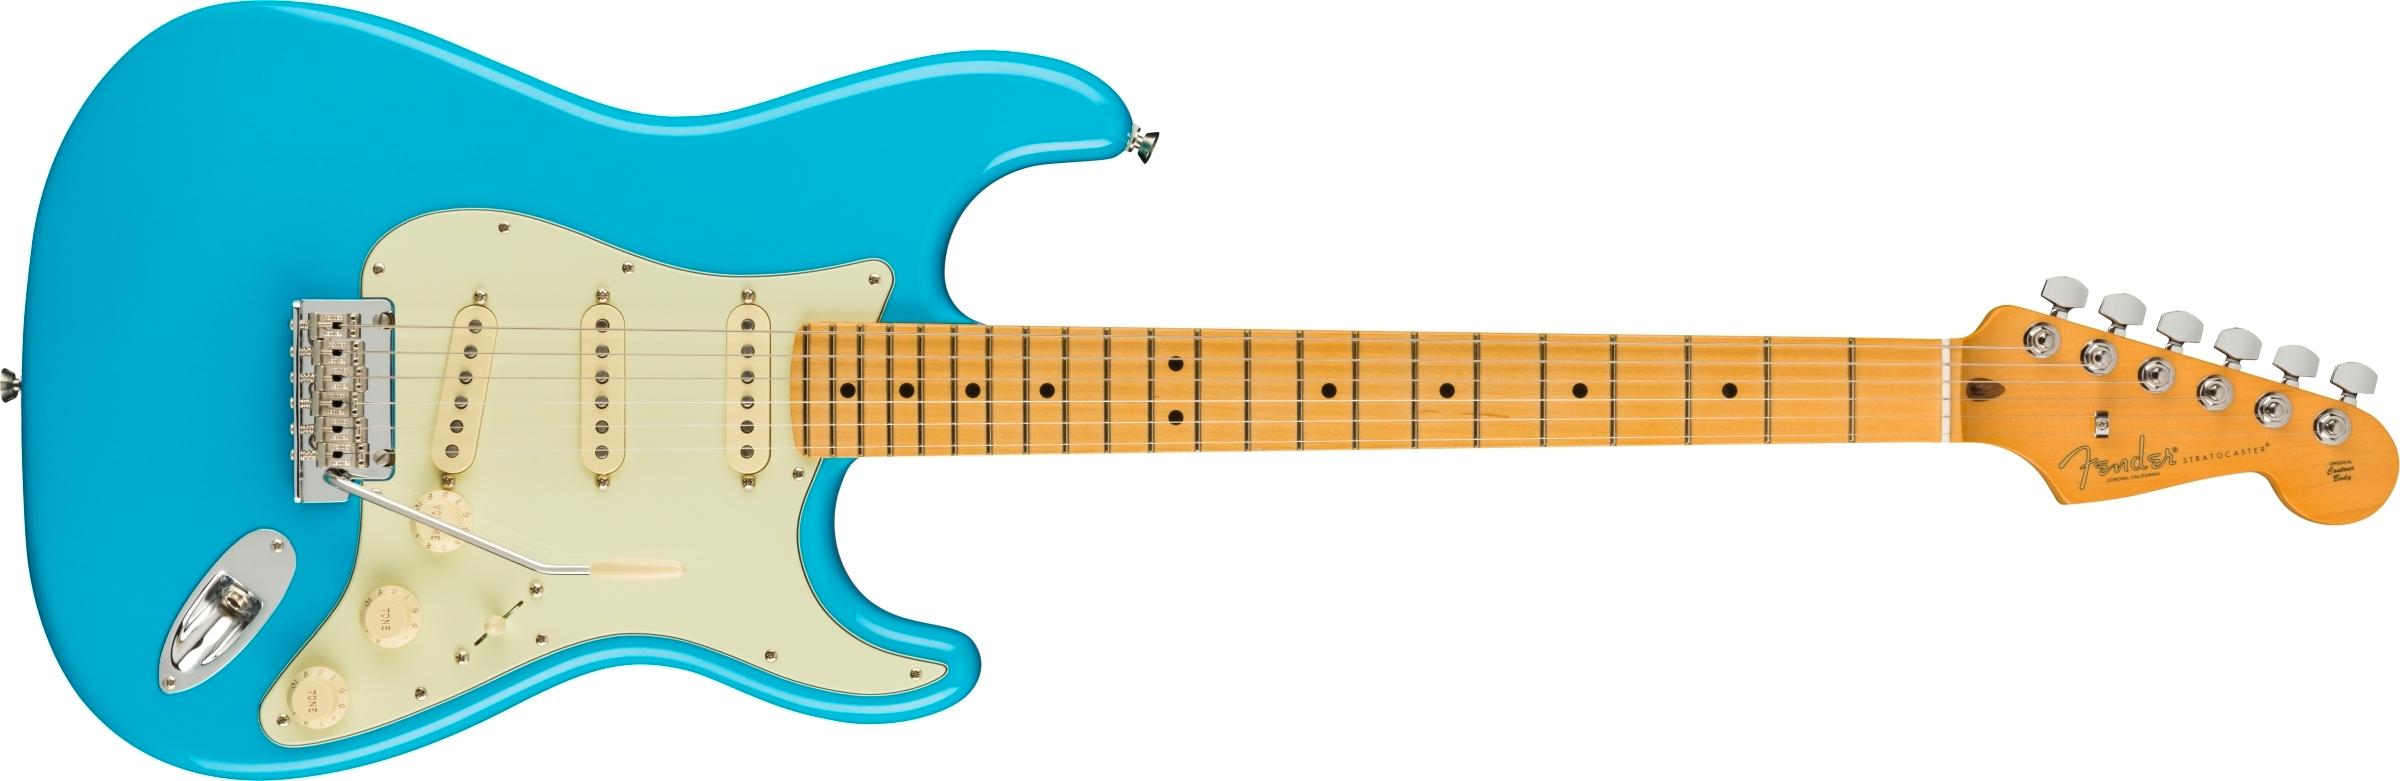 FENDER-American-Professional-PRO-II-Stratocaster-MN-Miami-Blue-0113902719-sku-24080